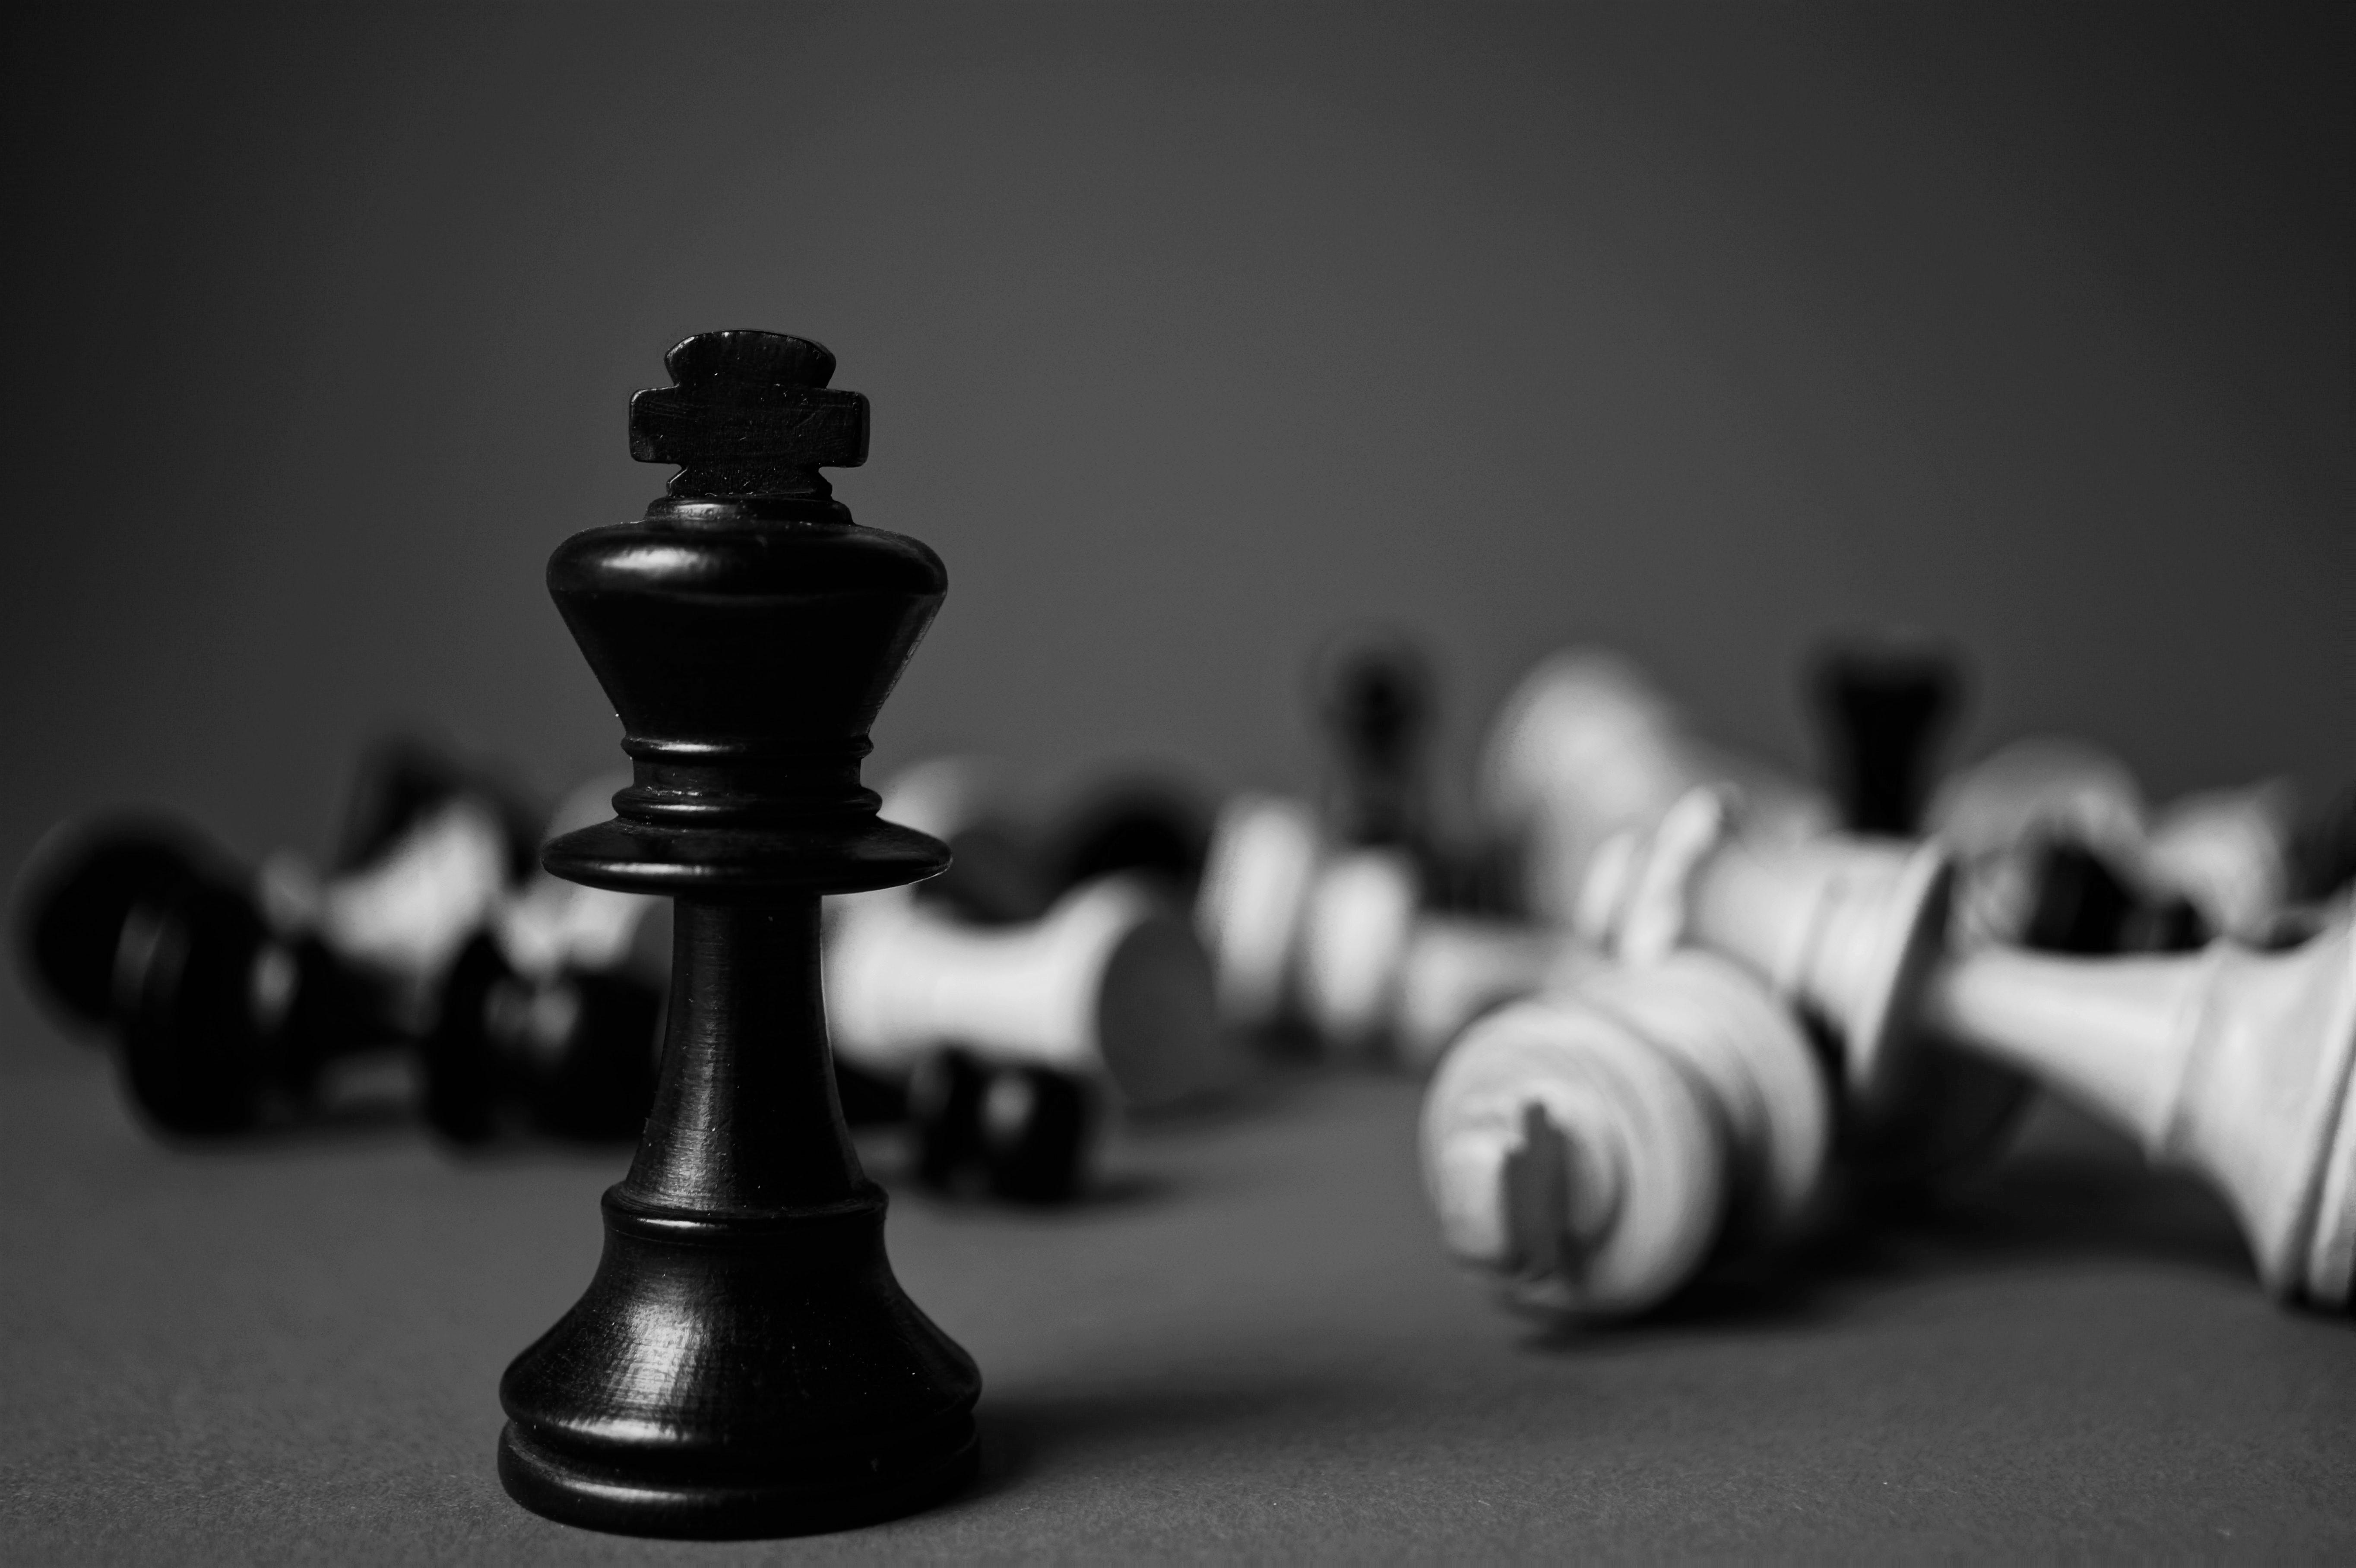 Interesų apsaugojimo galimybės nepavykus persidėrėti dėl sutarties vykdymo ir sutarčiai numatant arbitražinę išlygą | COVID-19